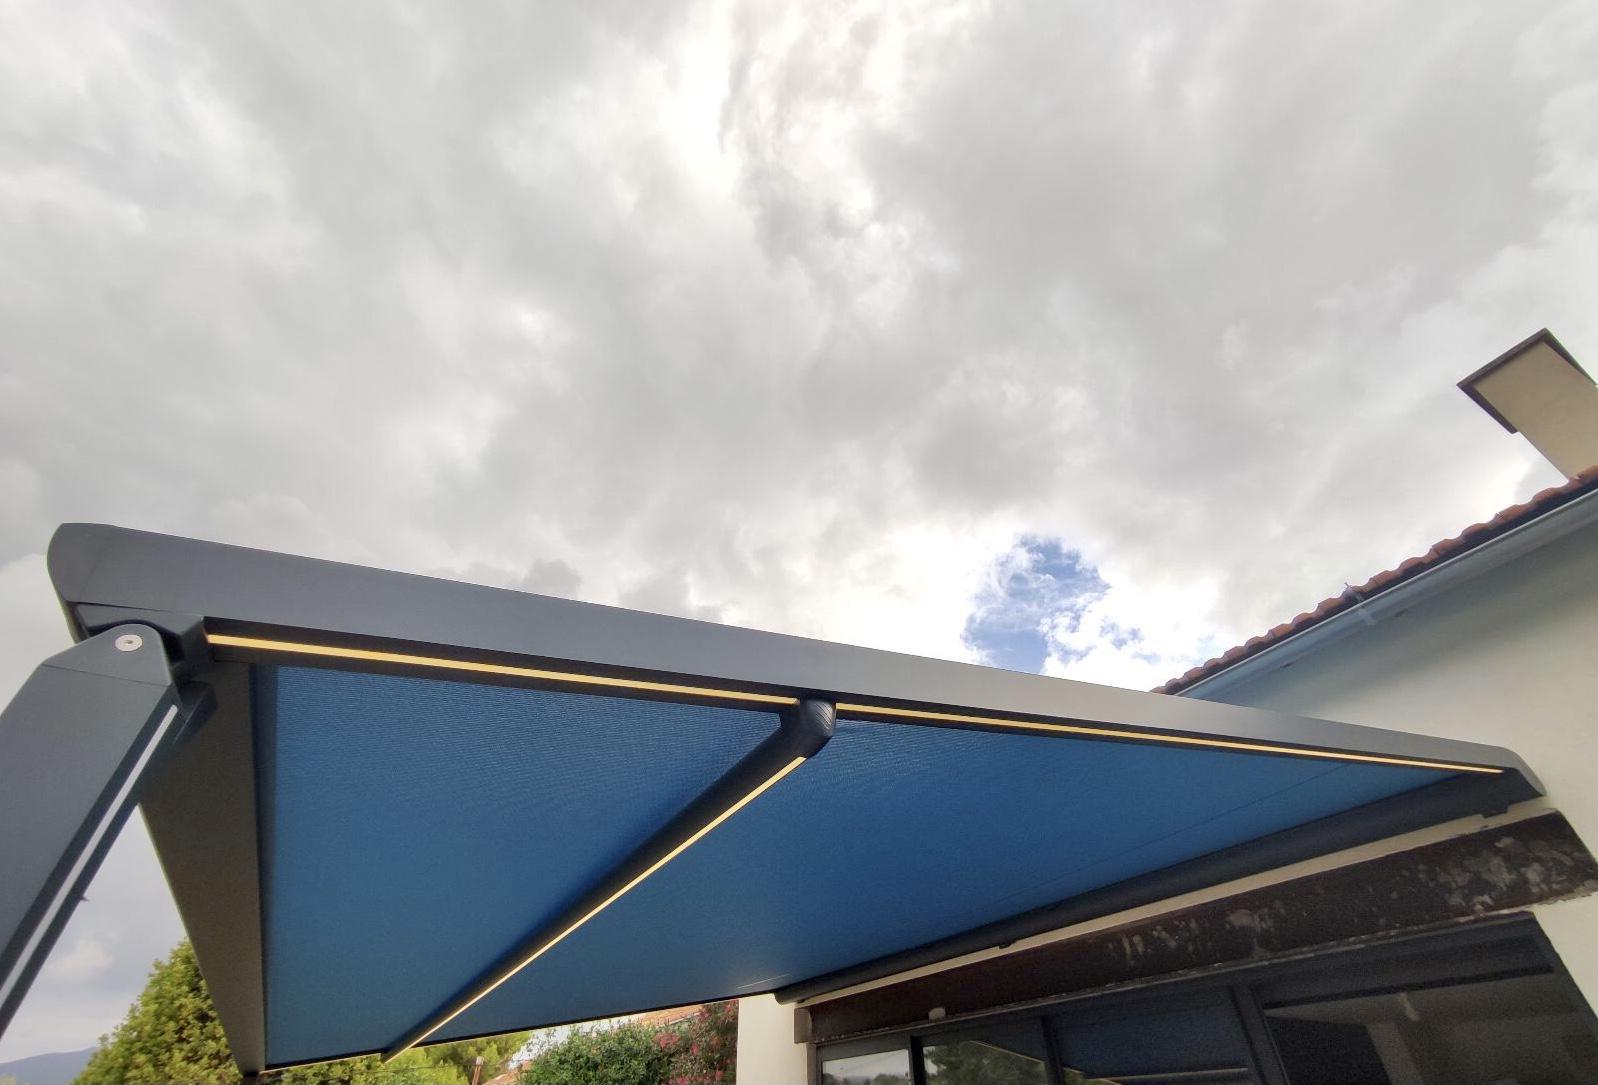 Pergola adossée Line plus design anthracite toile soltis 96 éclairage led intégré dans les coulisses et la traverse dans le 13eme arrondissement